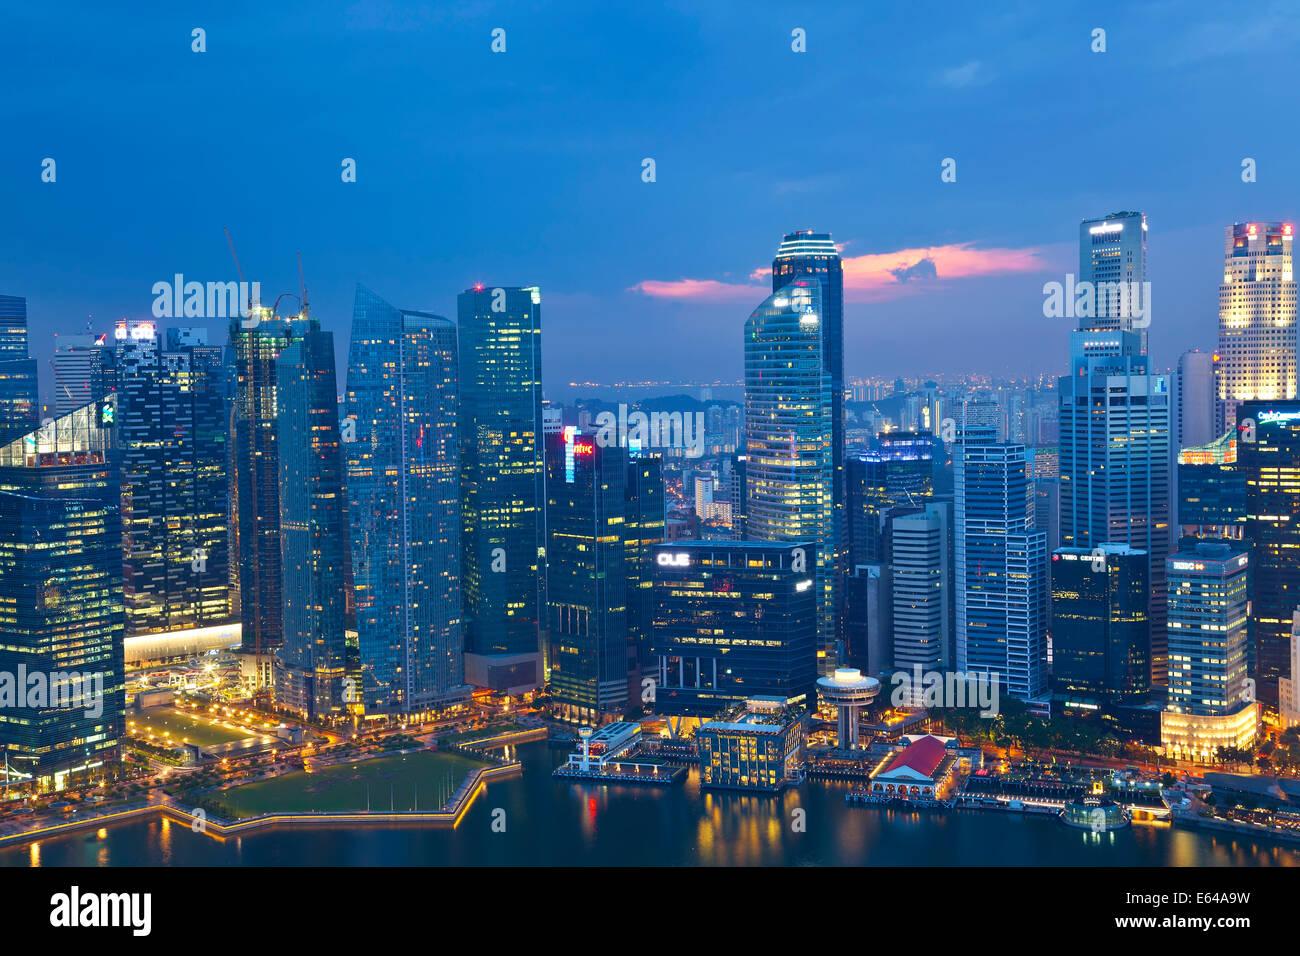 Singapore skyline at dusk, Singapore, SE Asia Stock Photo